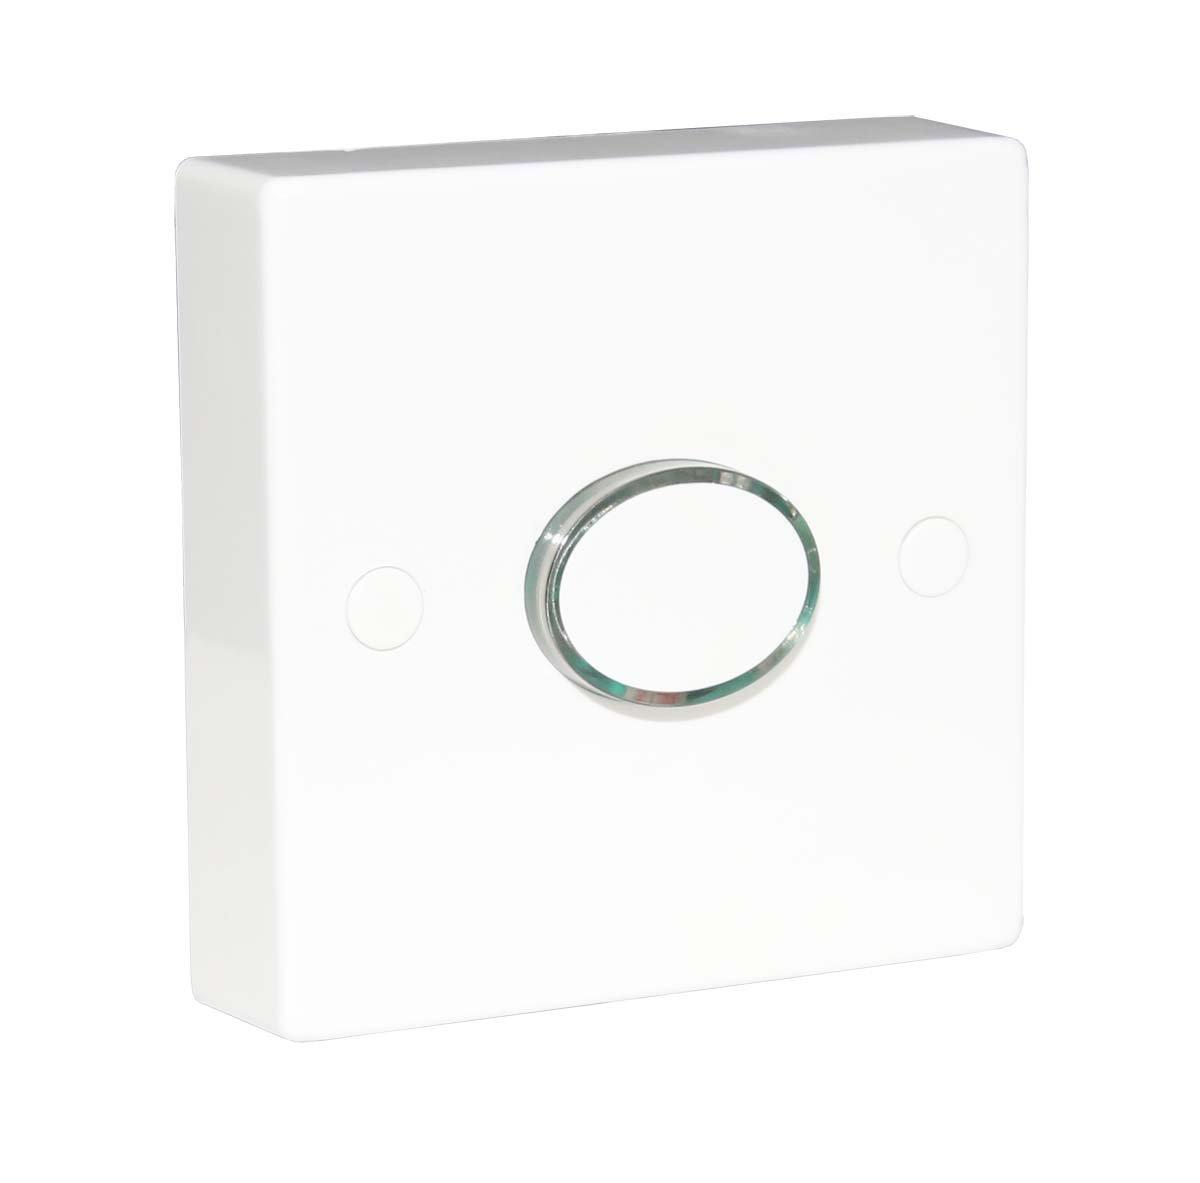 Interruptor de temporizador iluminado de 6 A tiempo de espera de retardo de energ/ía 12 segundos a 12 minutos 2 cables ajustables